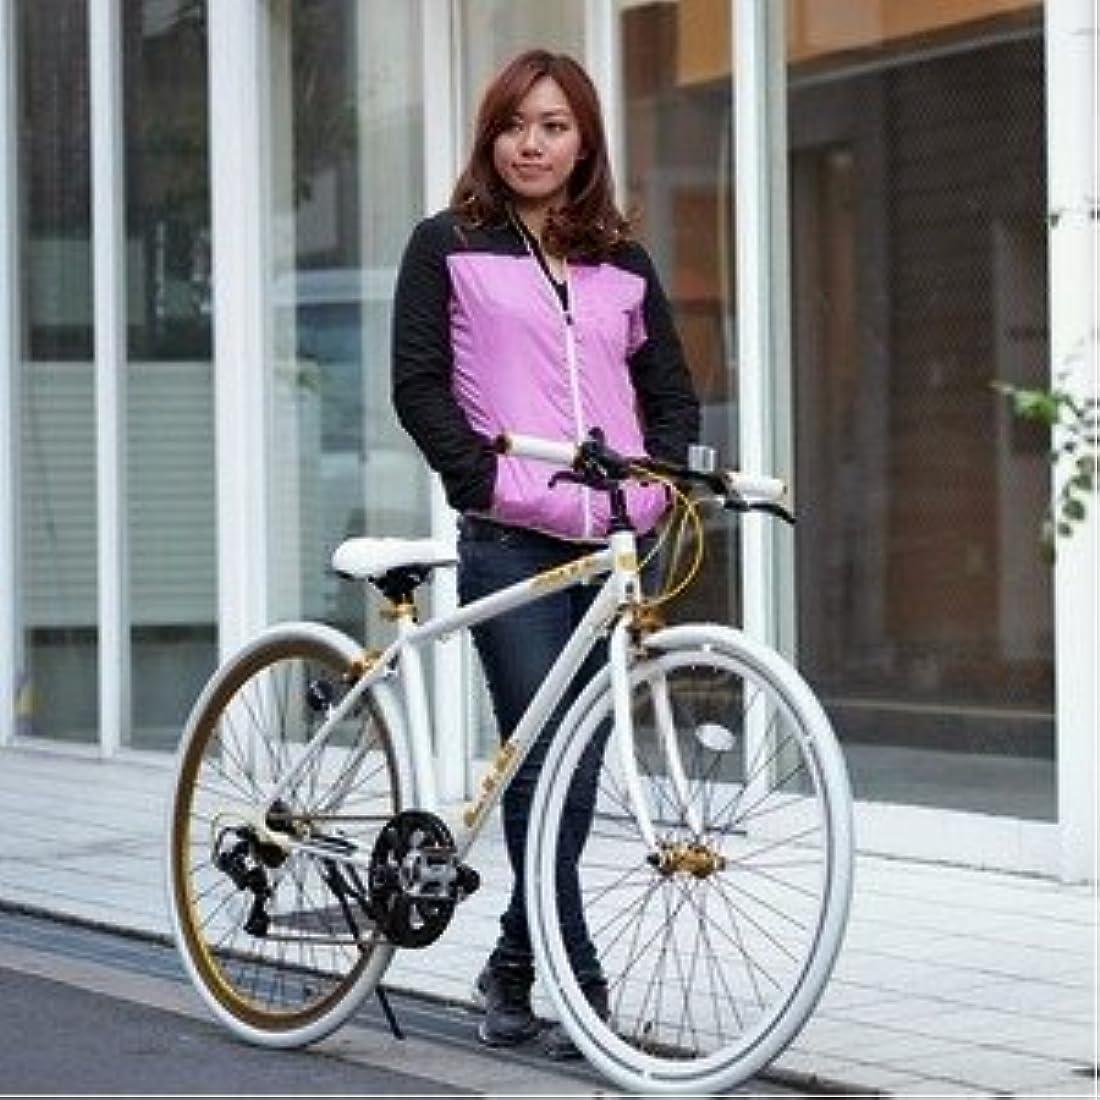 広範囲に夢中ランダムクロスバイク 700c(約28インチ)/ホワイト(白) シマノ7段変速 重さ/ 12.0kg 軽量 アルミフレーム 【LIG MOVE】【代引不可】